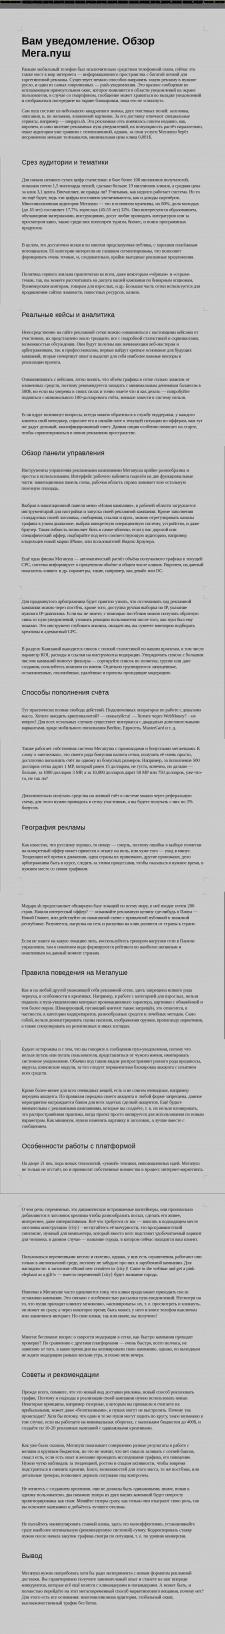 Обзор рекламной сети Мегапуш